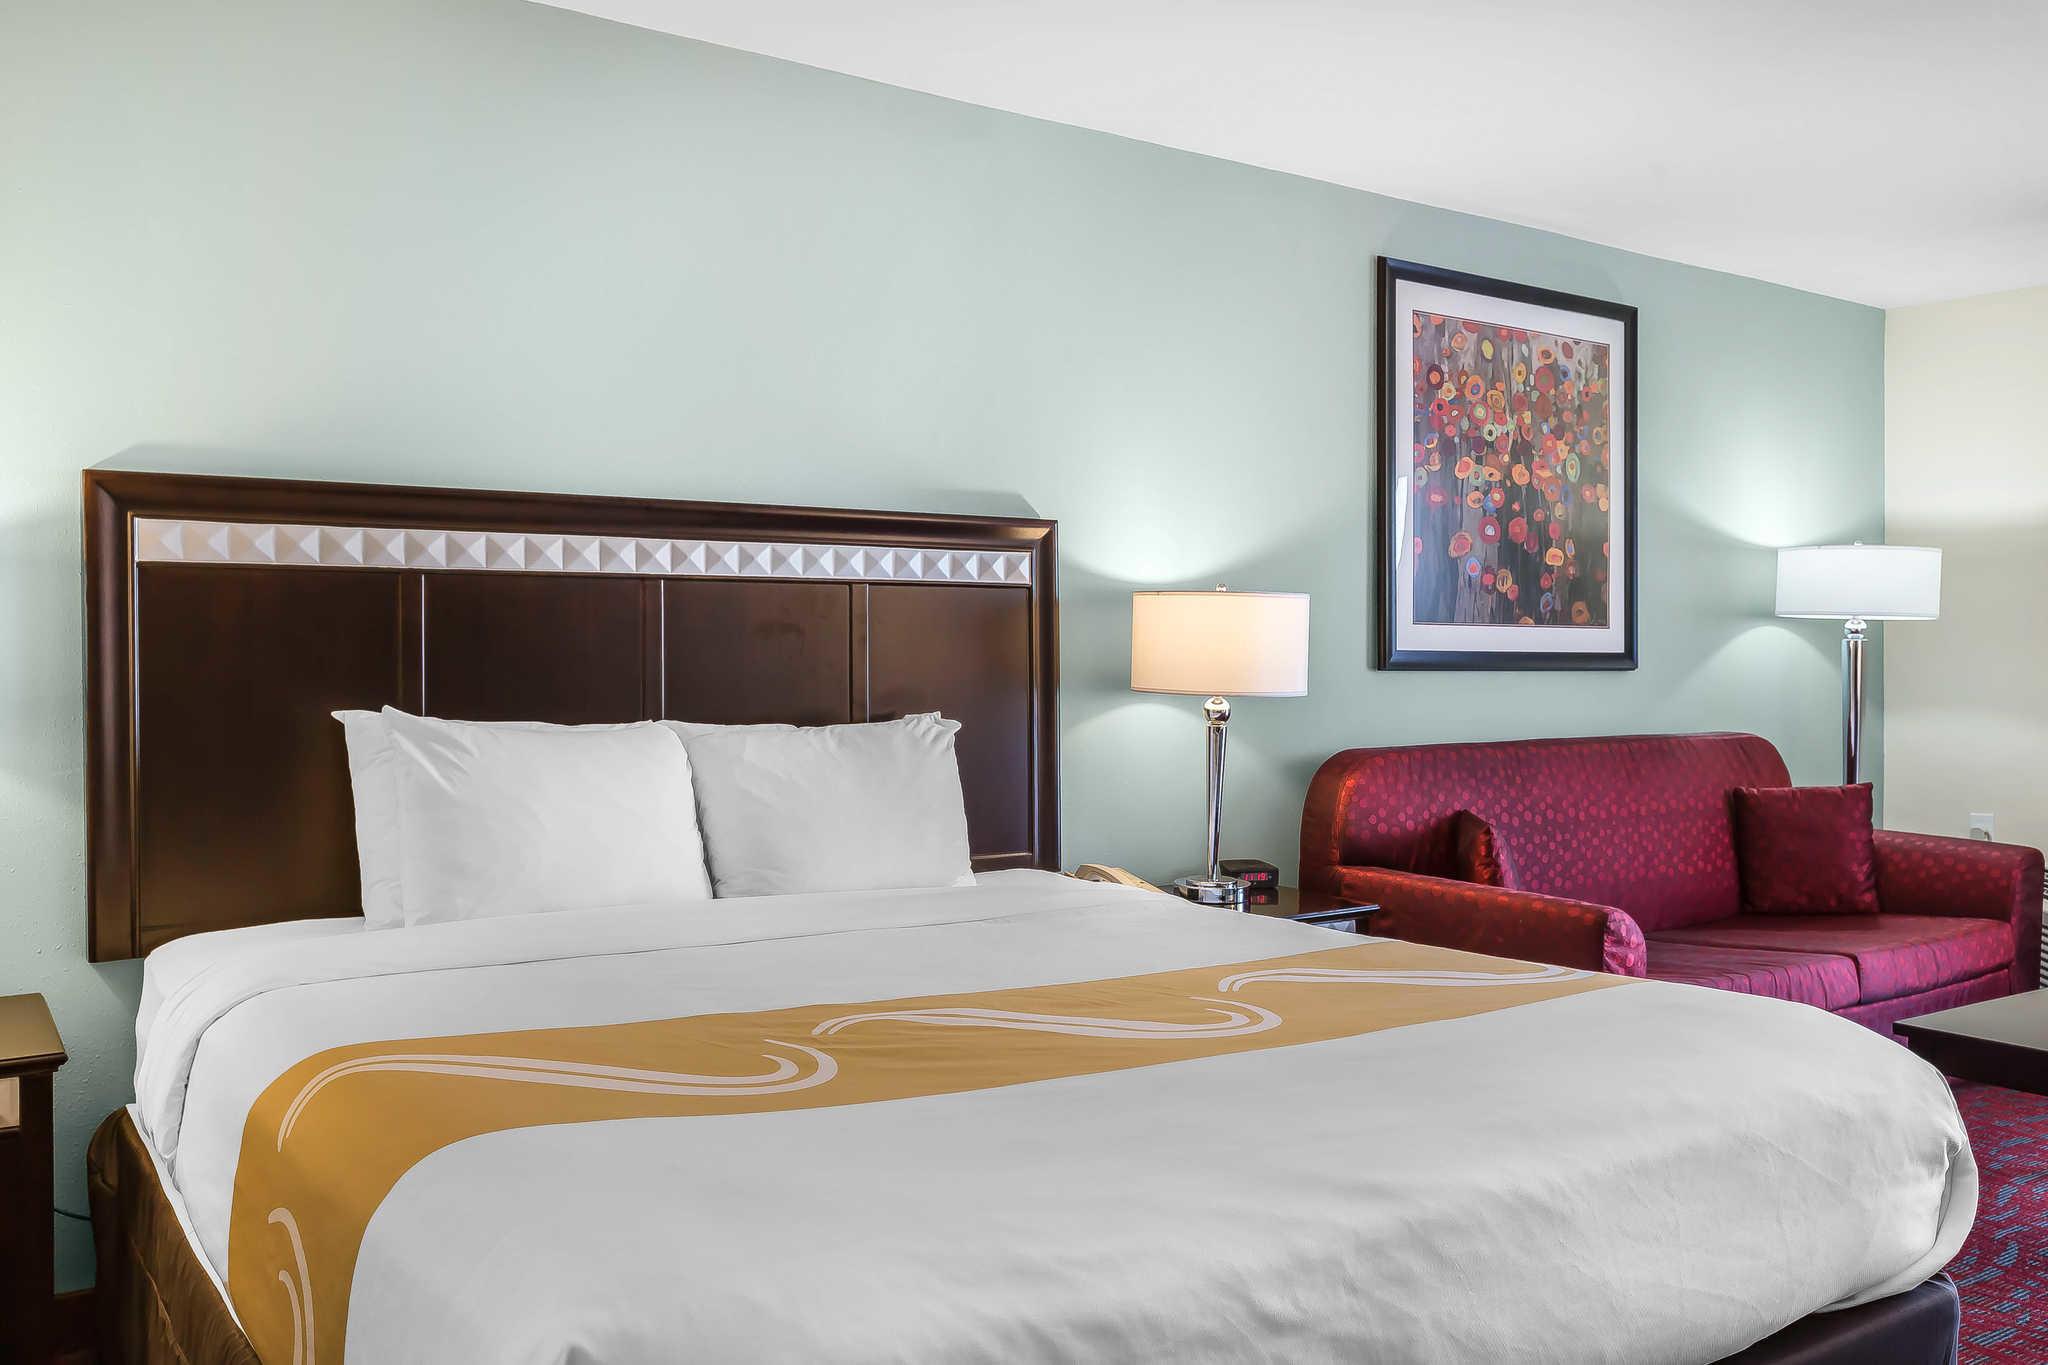 Quality Inn & Suites Irvine Spectrum image 13